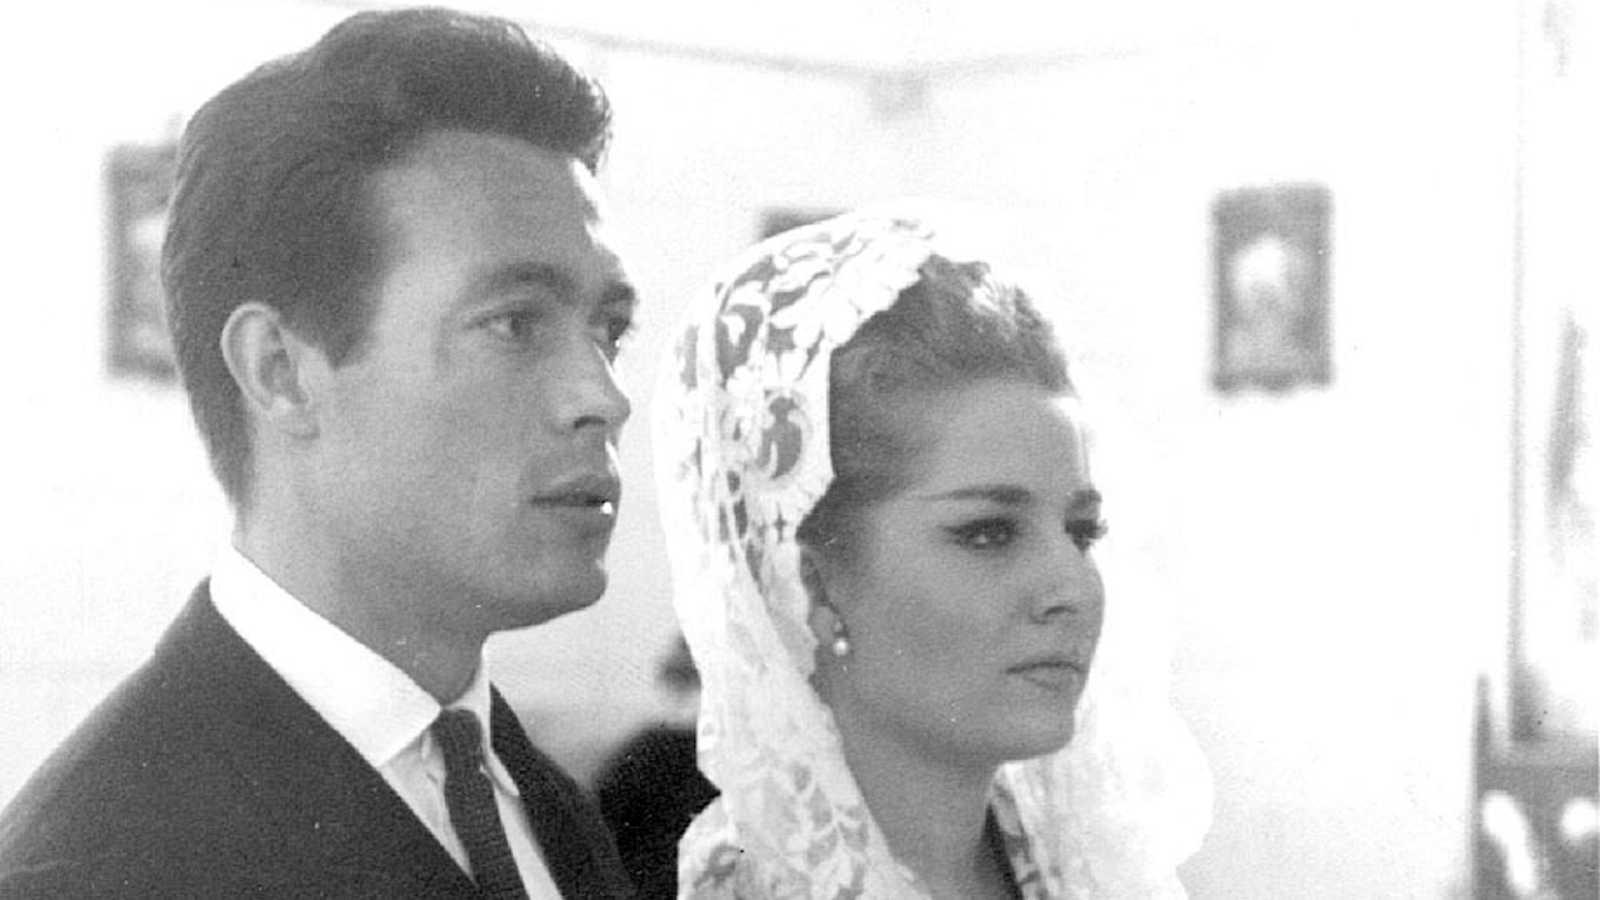 Concha Márquez Piquer y Curro Romero, del amor al odio